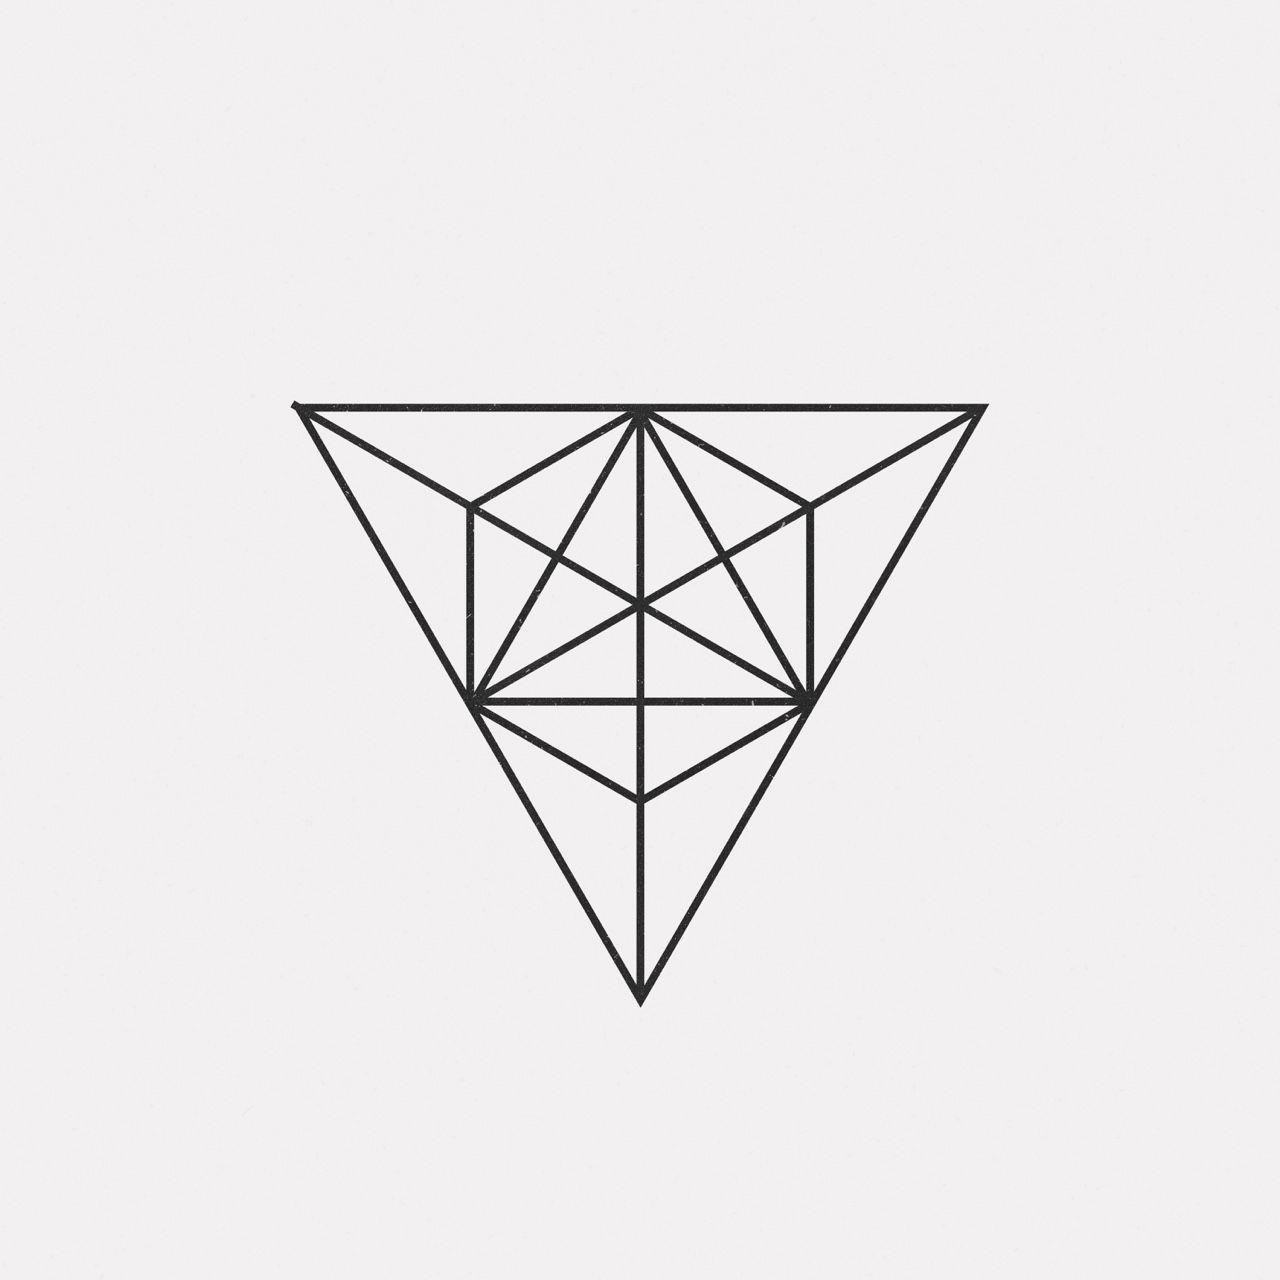 Oc16-742 A New Geometric Design Every Day (With Images innen Geometrisches Zeichnen Vorlagen